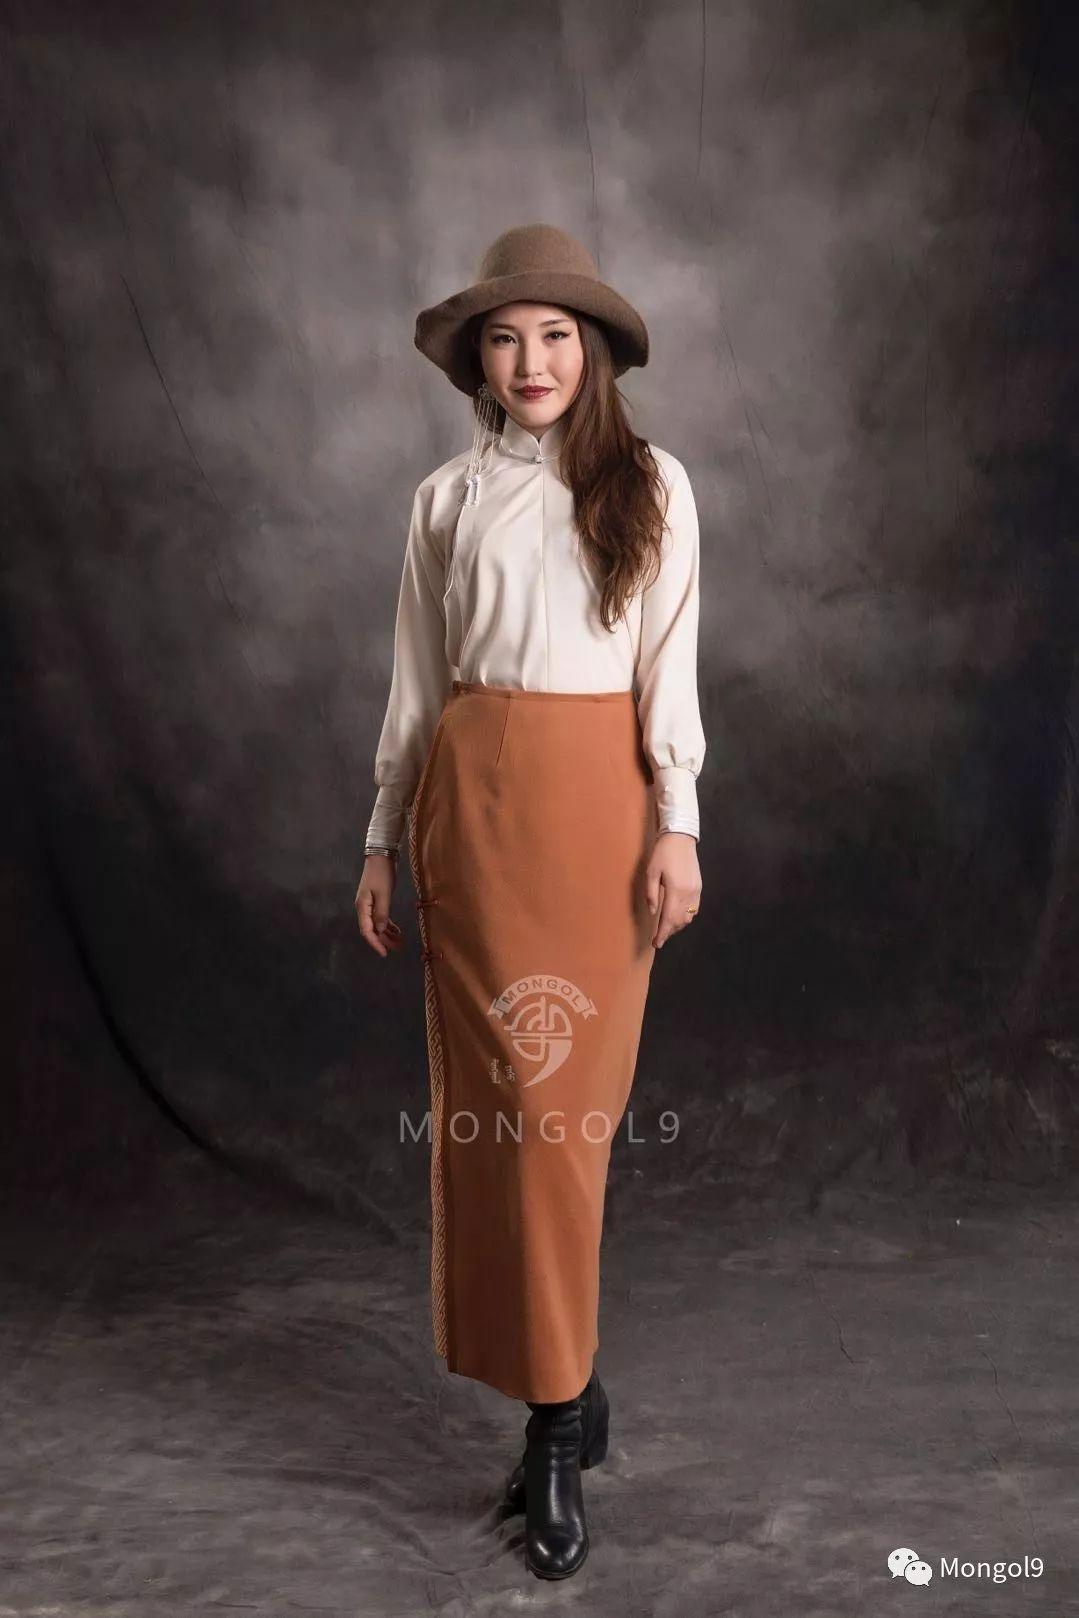 为我的蒙古闺蜜们而设计 第15张 为我的蒙古闺蜜们而设计 蒙古服饰